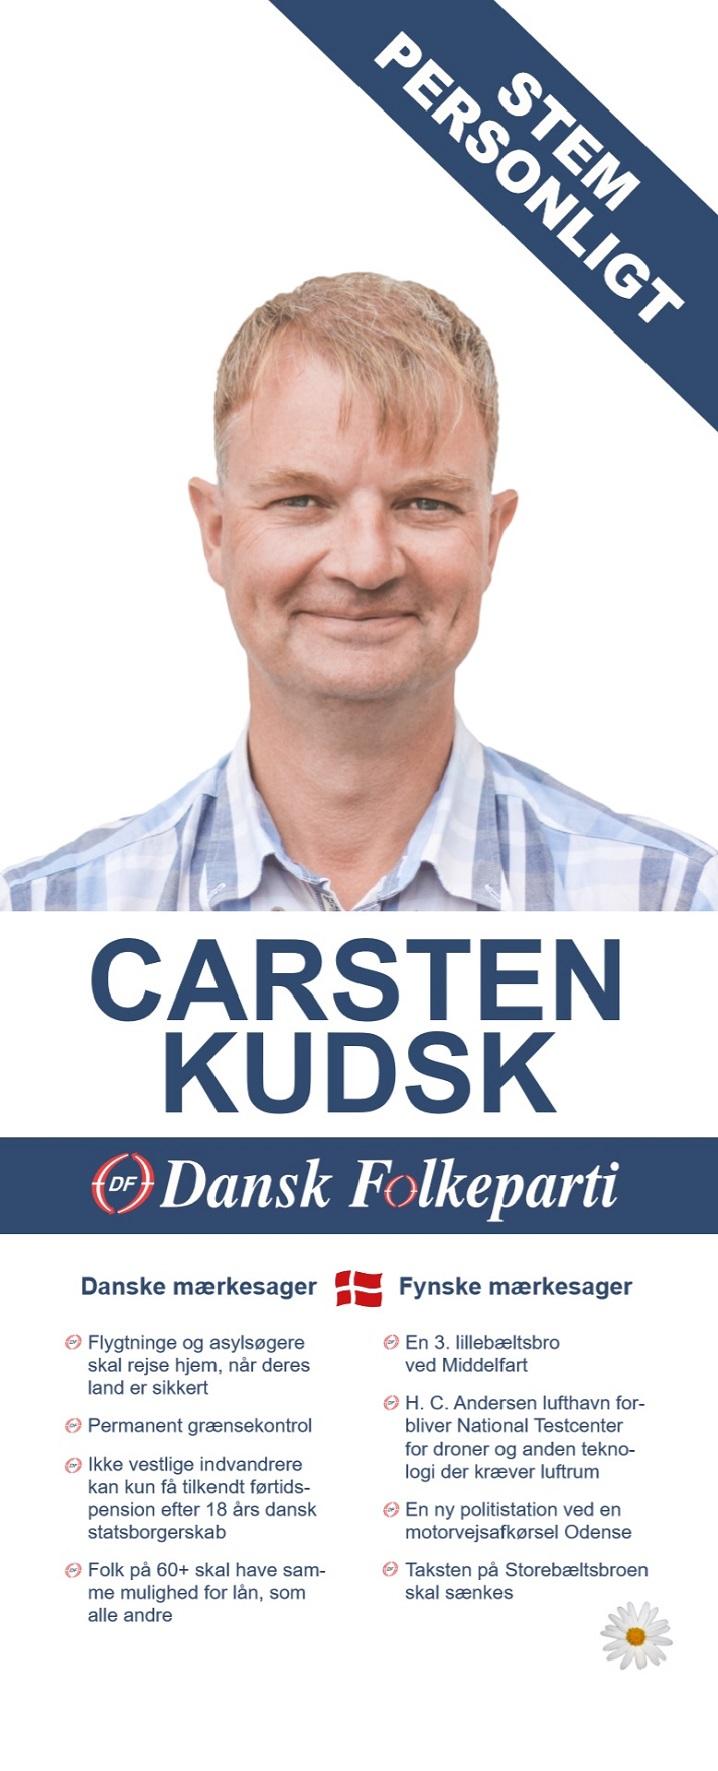 Carsten Kudsk Valg